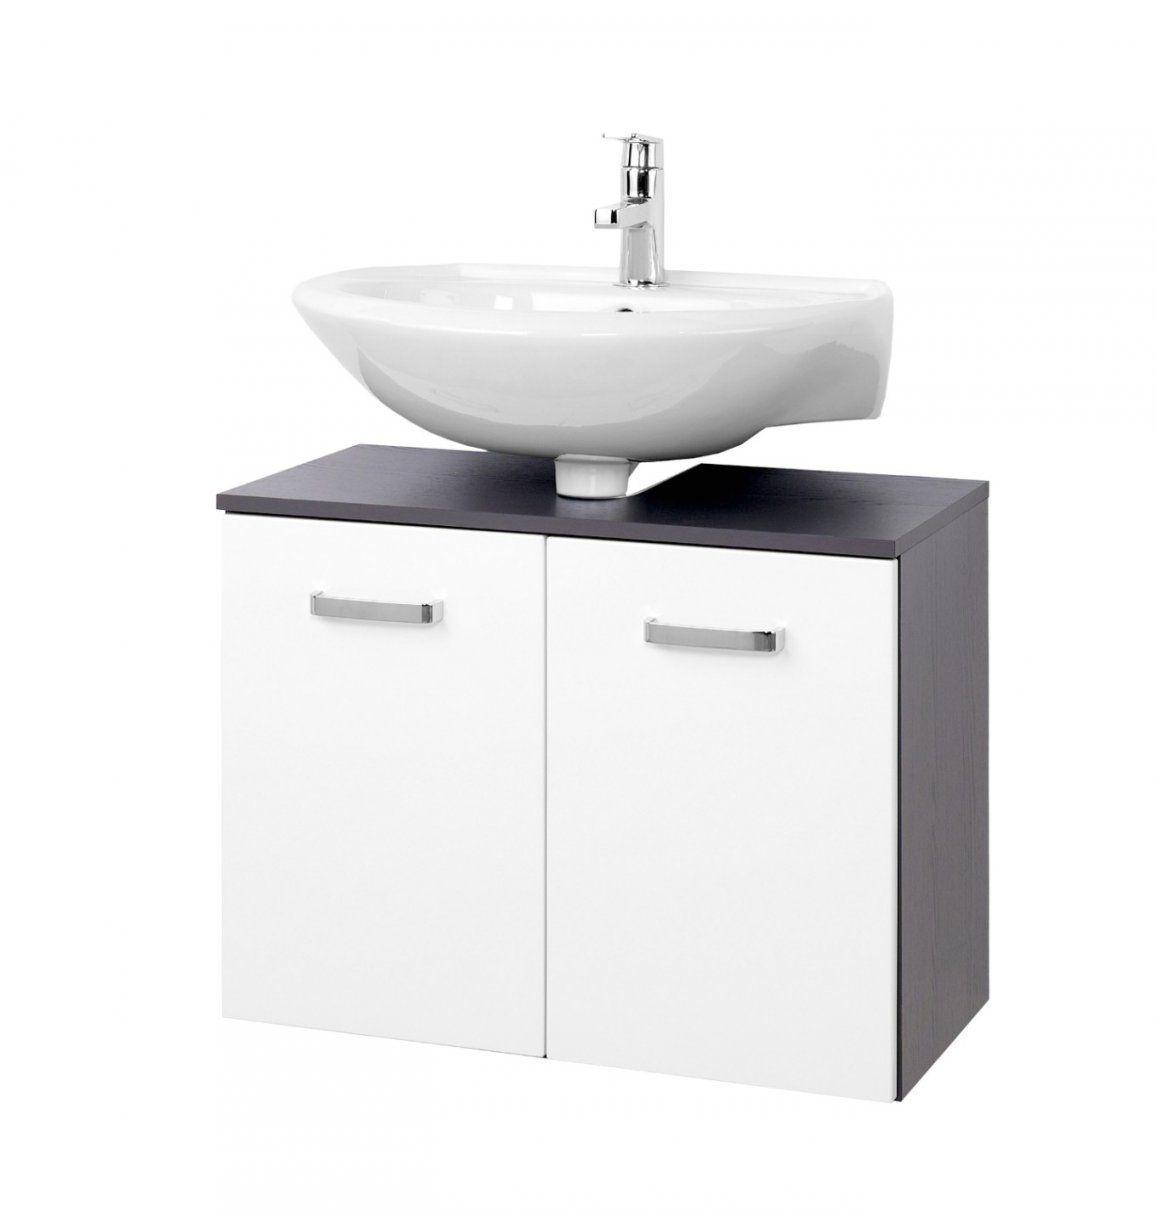 Beeindruckend Waschbecken 40 Cm Breit Yi77 – Hitoiro Für Waschbecken von Waschbecken Mit Unterschrank 70 Cm Breit Photo